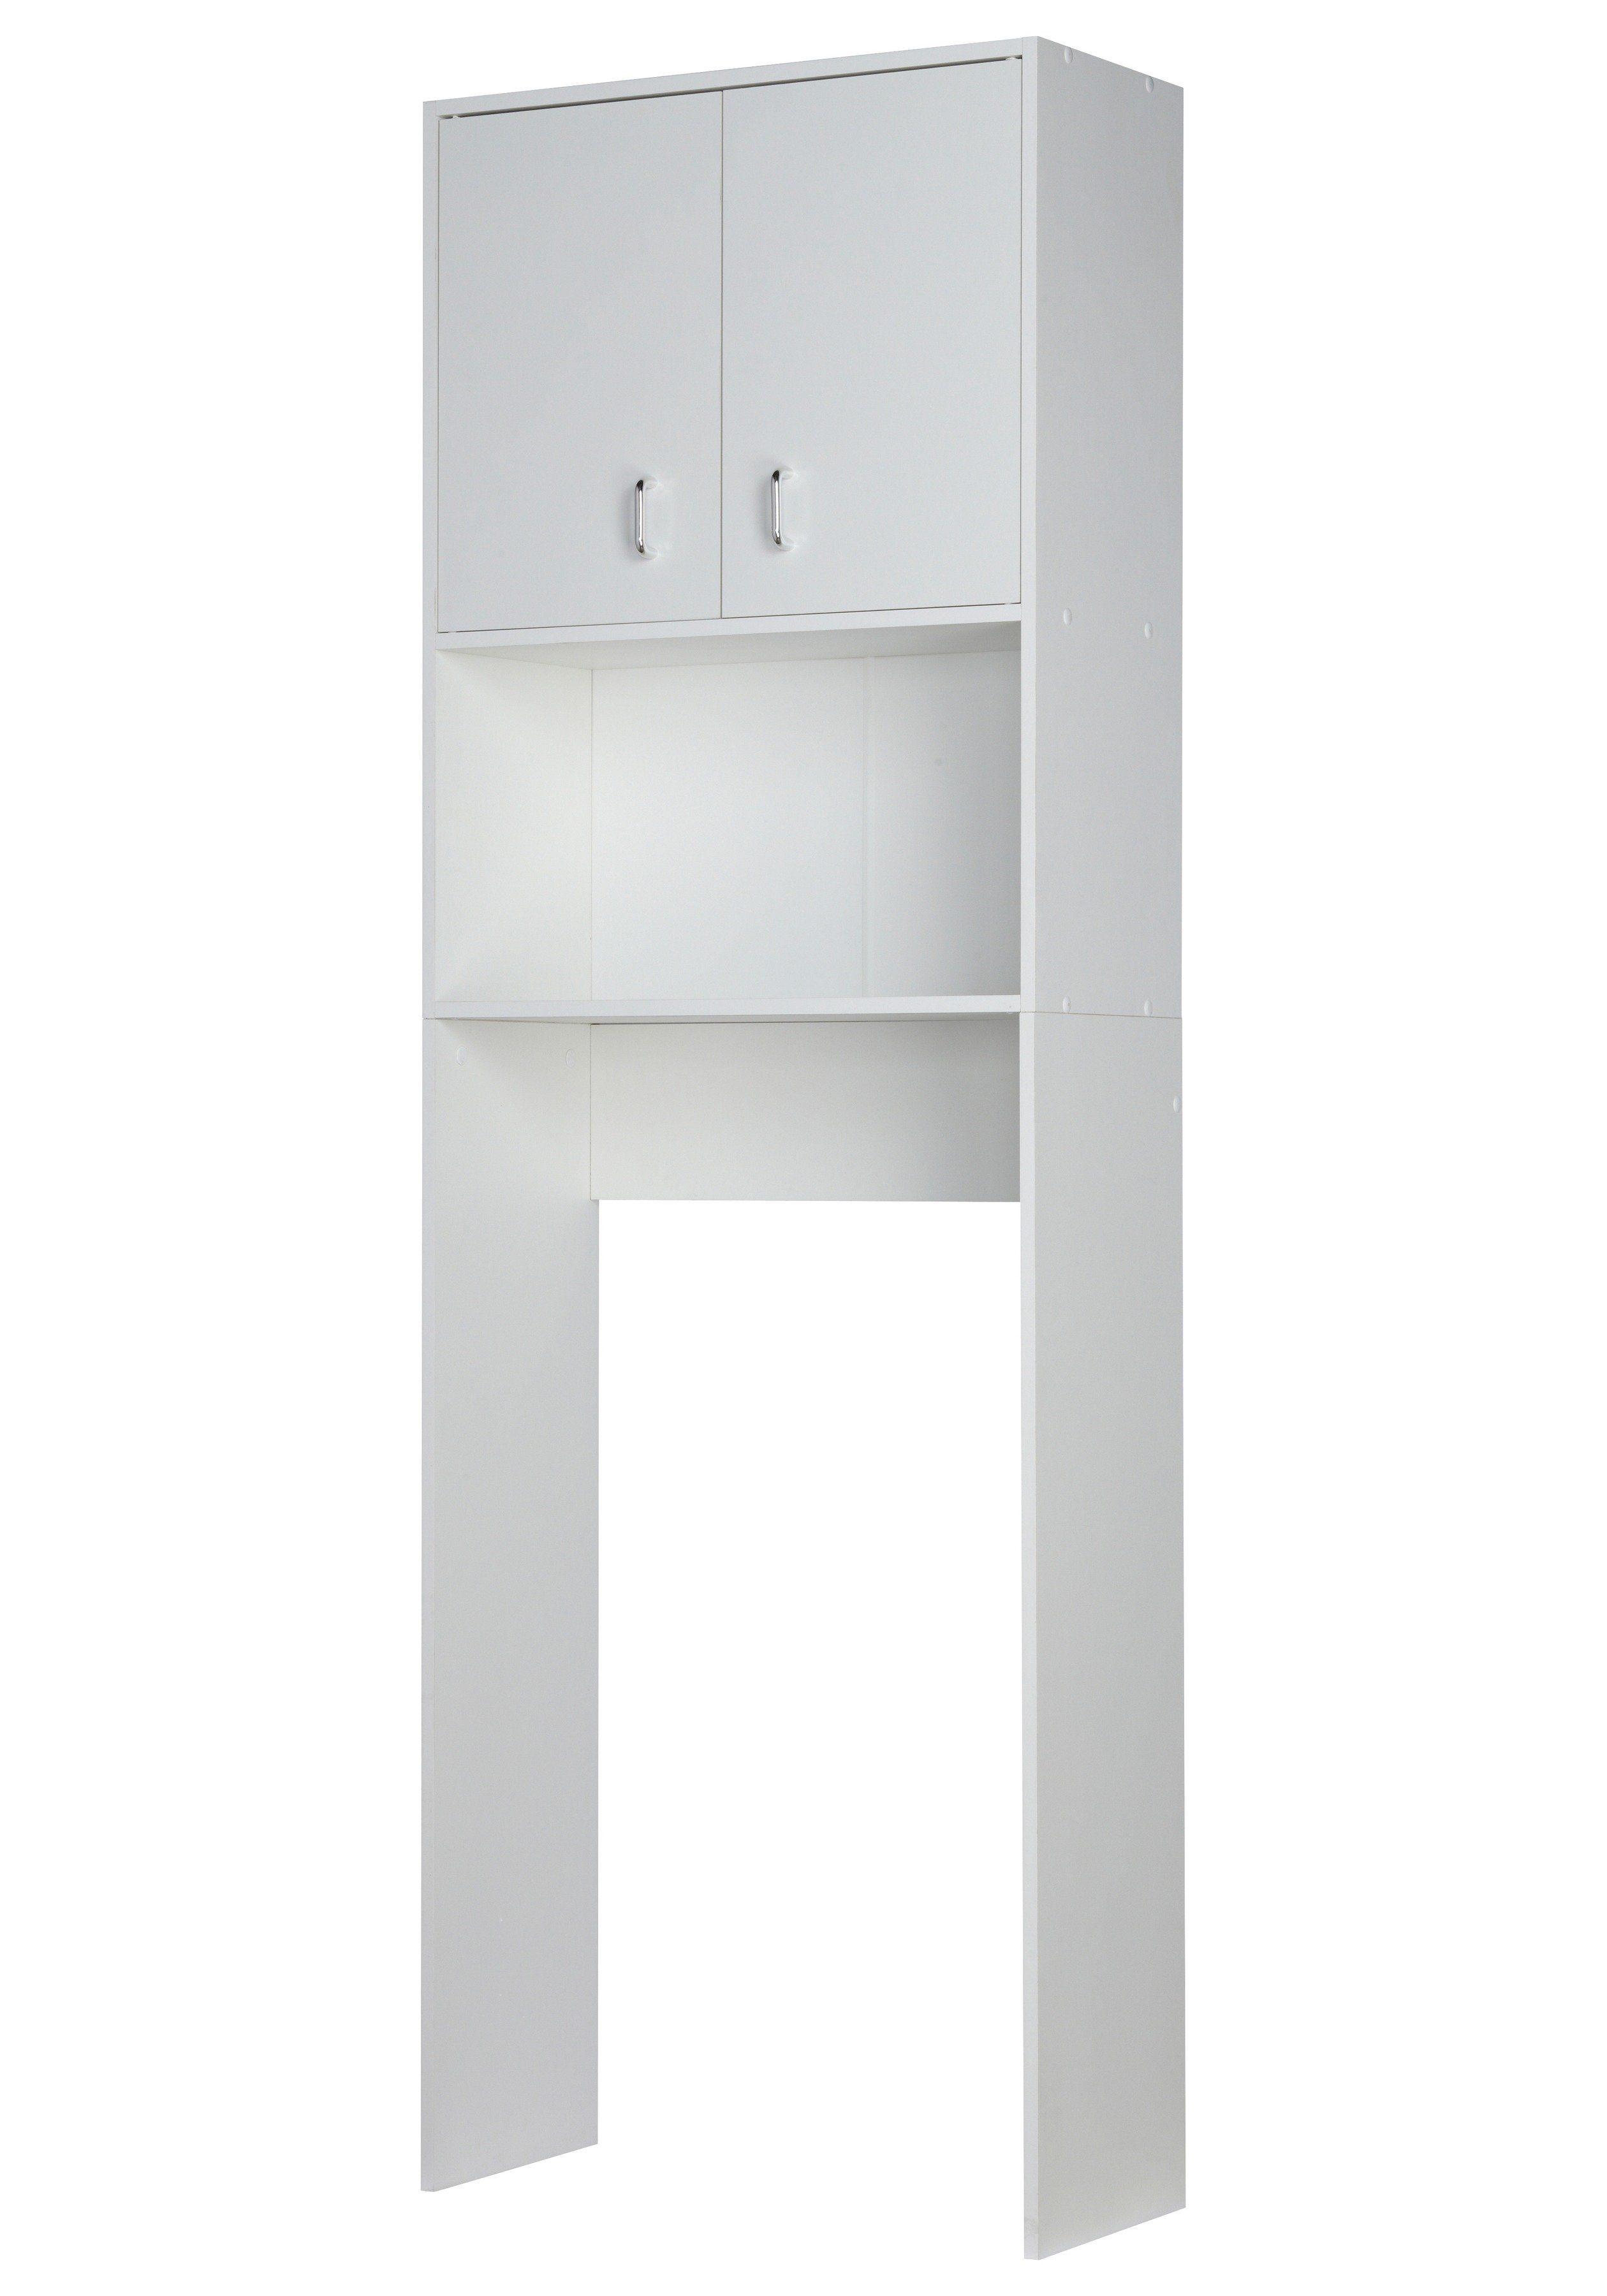 KESPER Hochschrank »Milano«, Waschmaschinen-Überbau / WC-Überschrank, Breite 65 cm